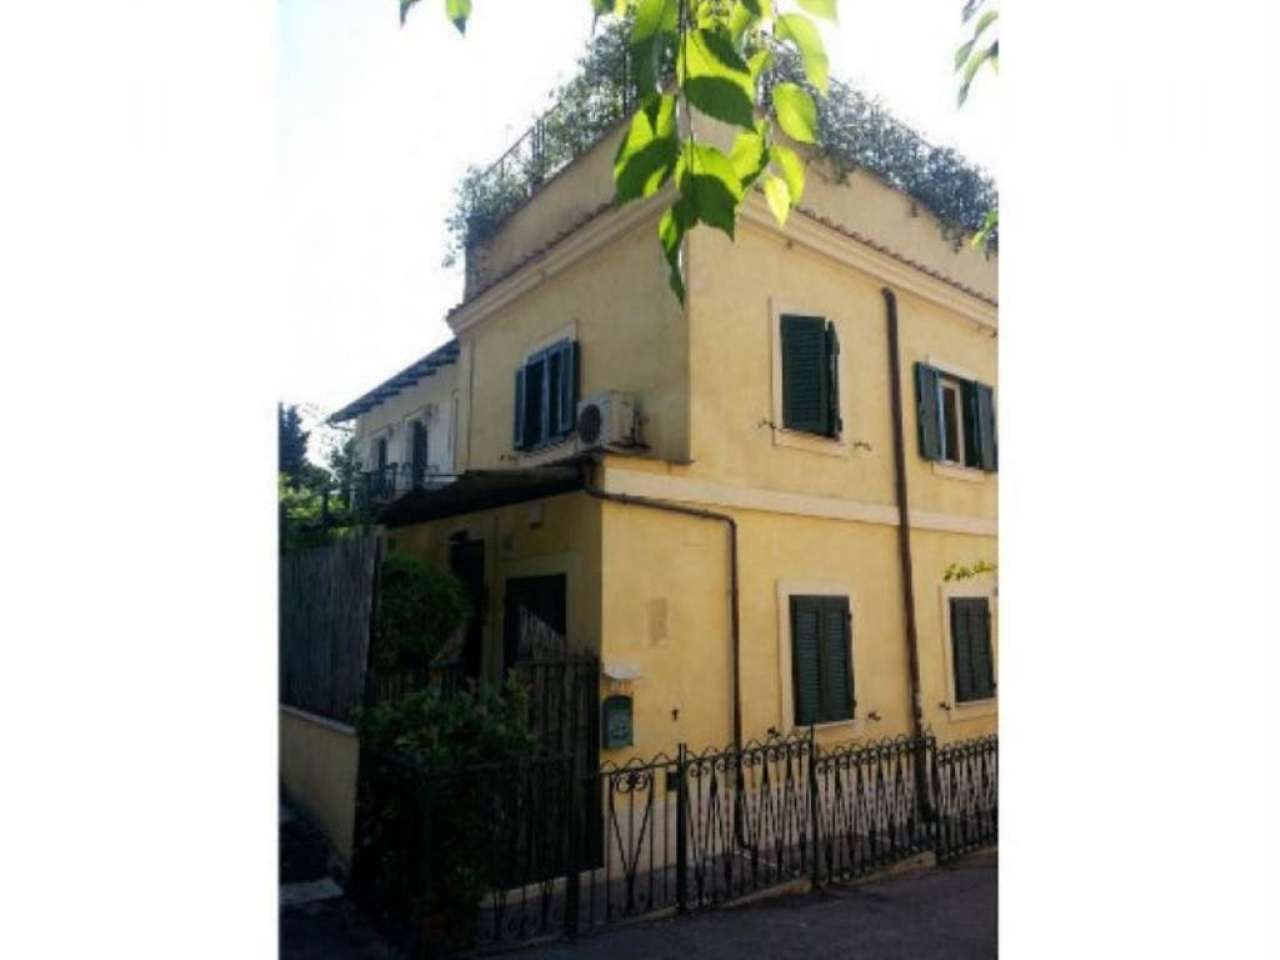 Soluzione Indipendente in vendita a Roma, 6 locali, zona Zona: 2 . Flaminio, Parioli, Pinciano, Villa Borghese, prezzo € 1.350.000 | Cambio Casa.it